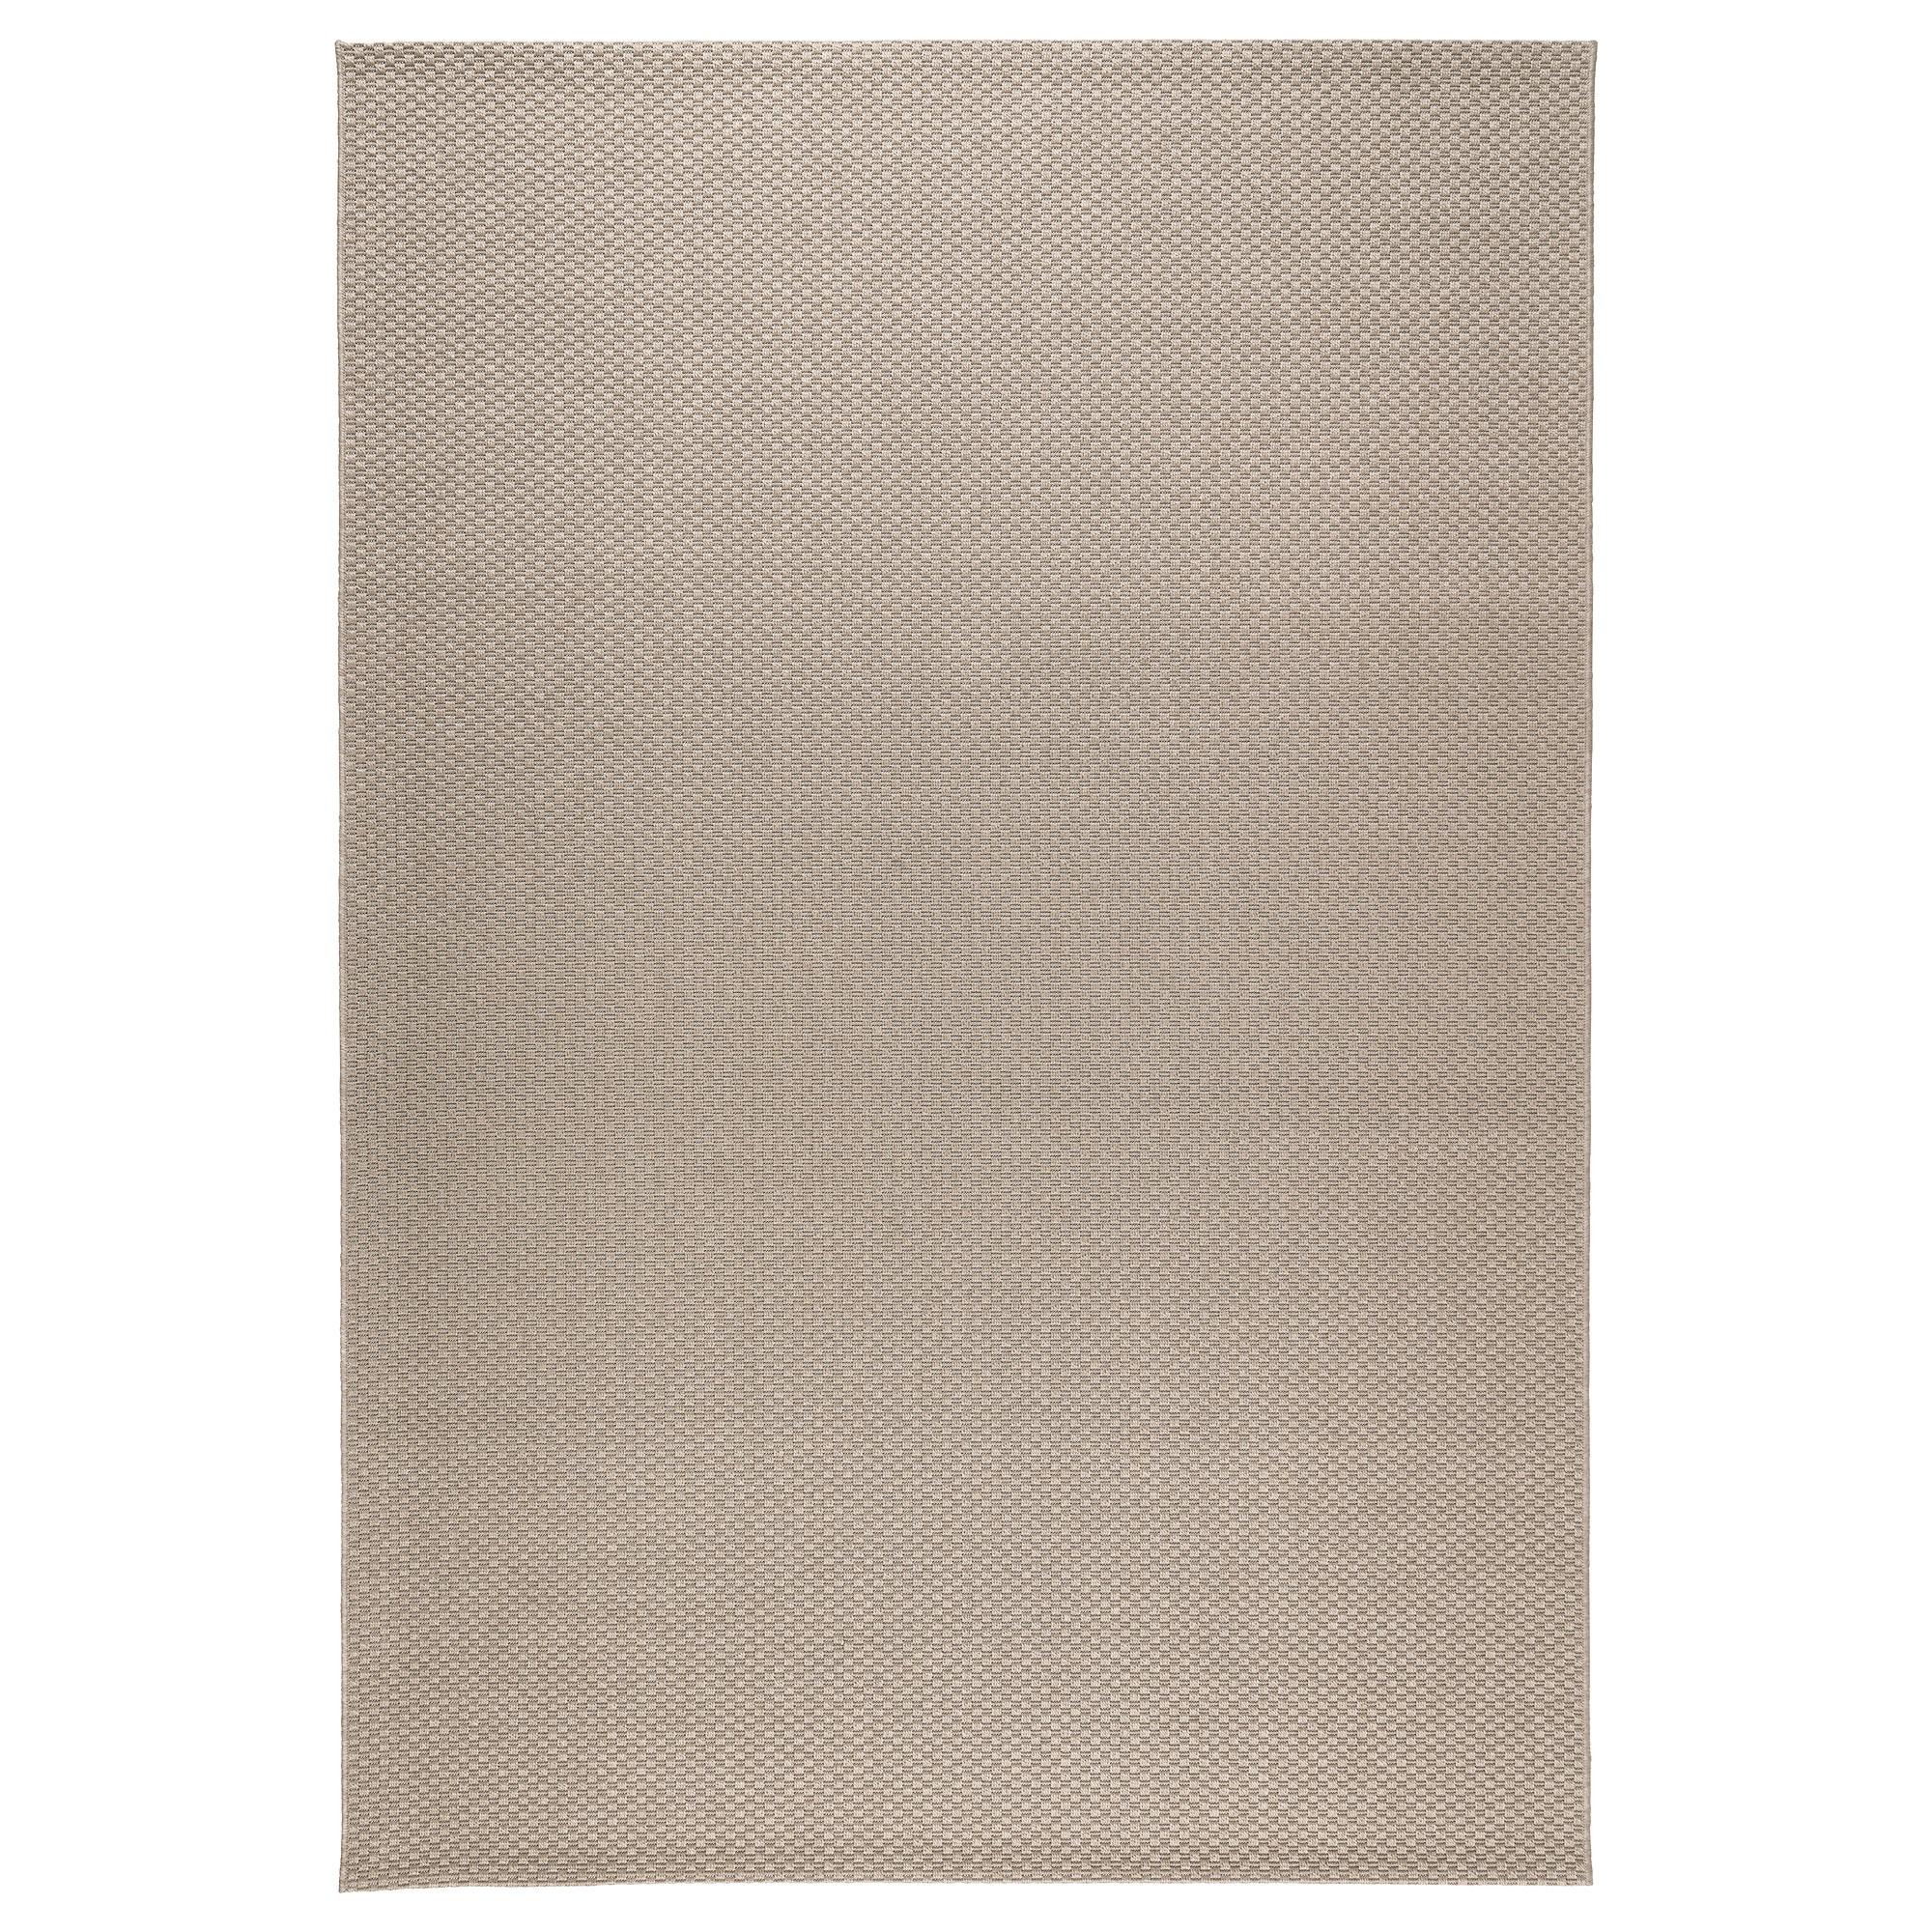 Tappeti Grandi Da Esterno morum tappeto tessitura piatta int/est - interno/esterno